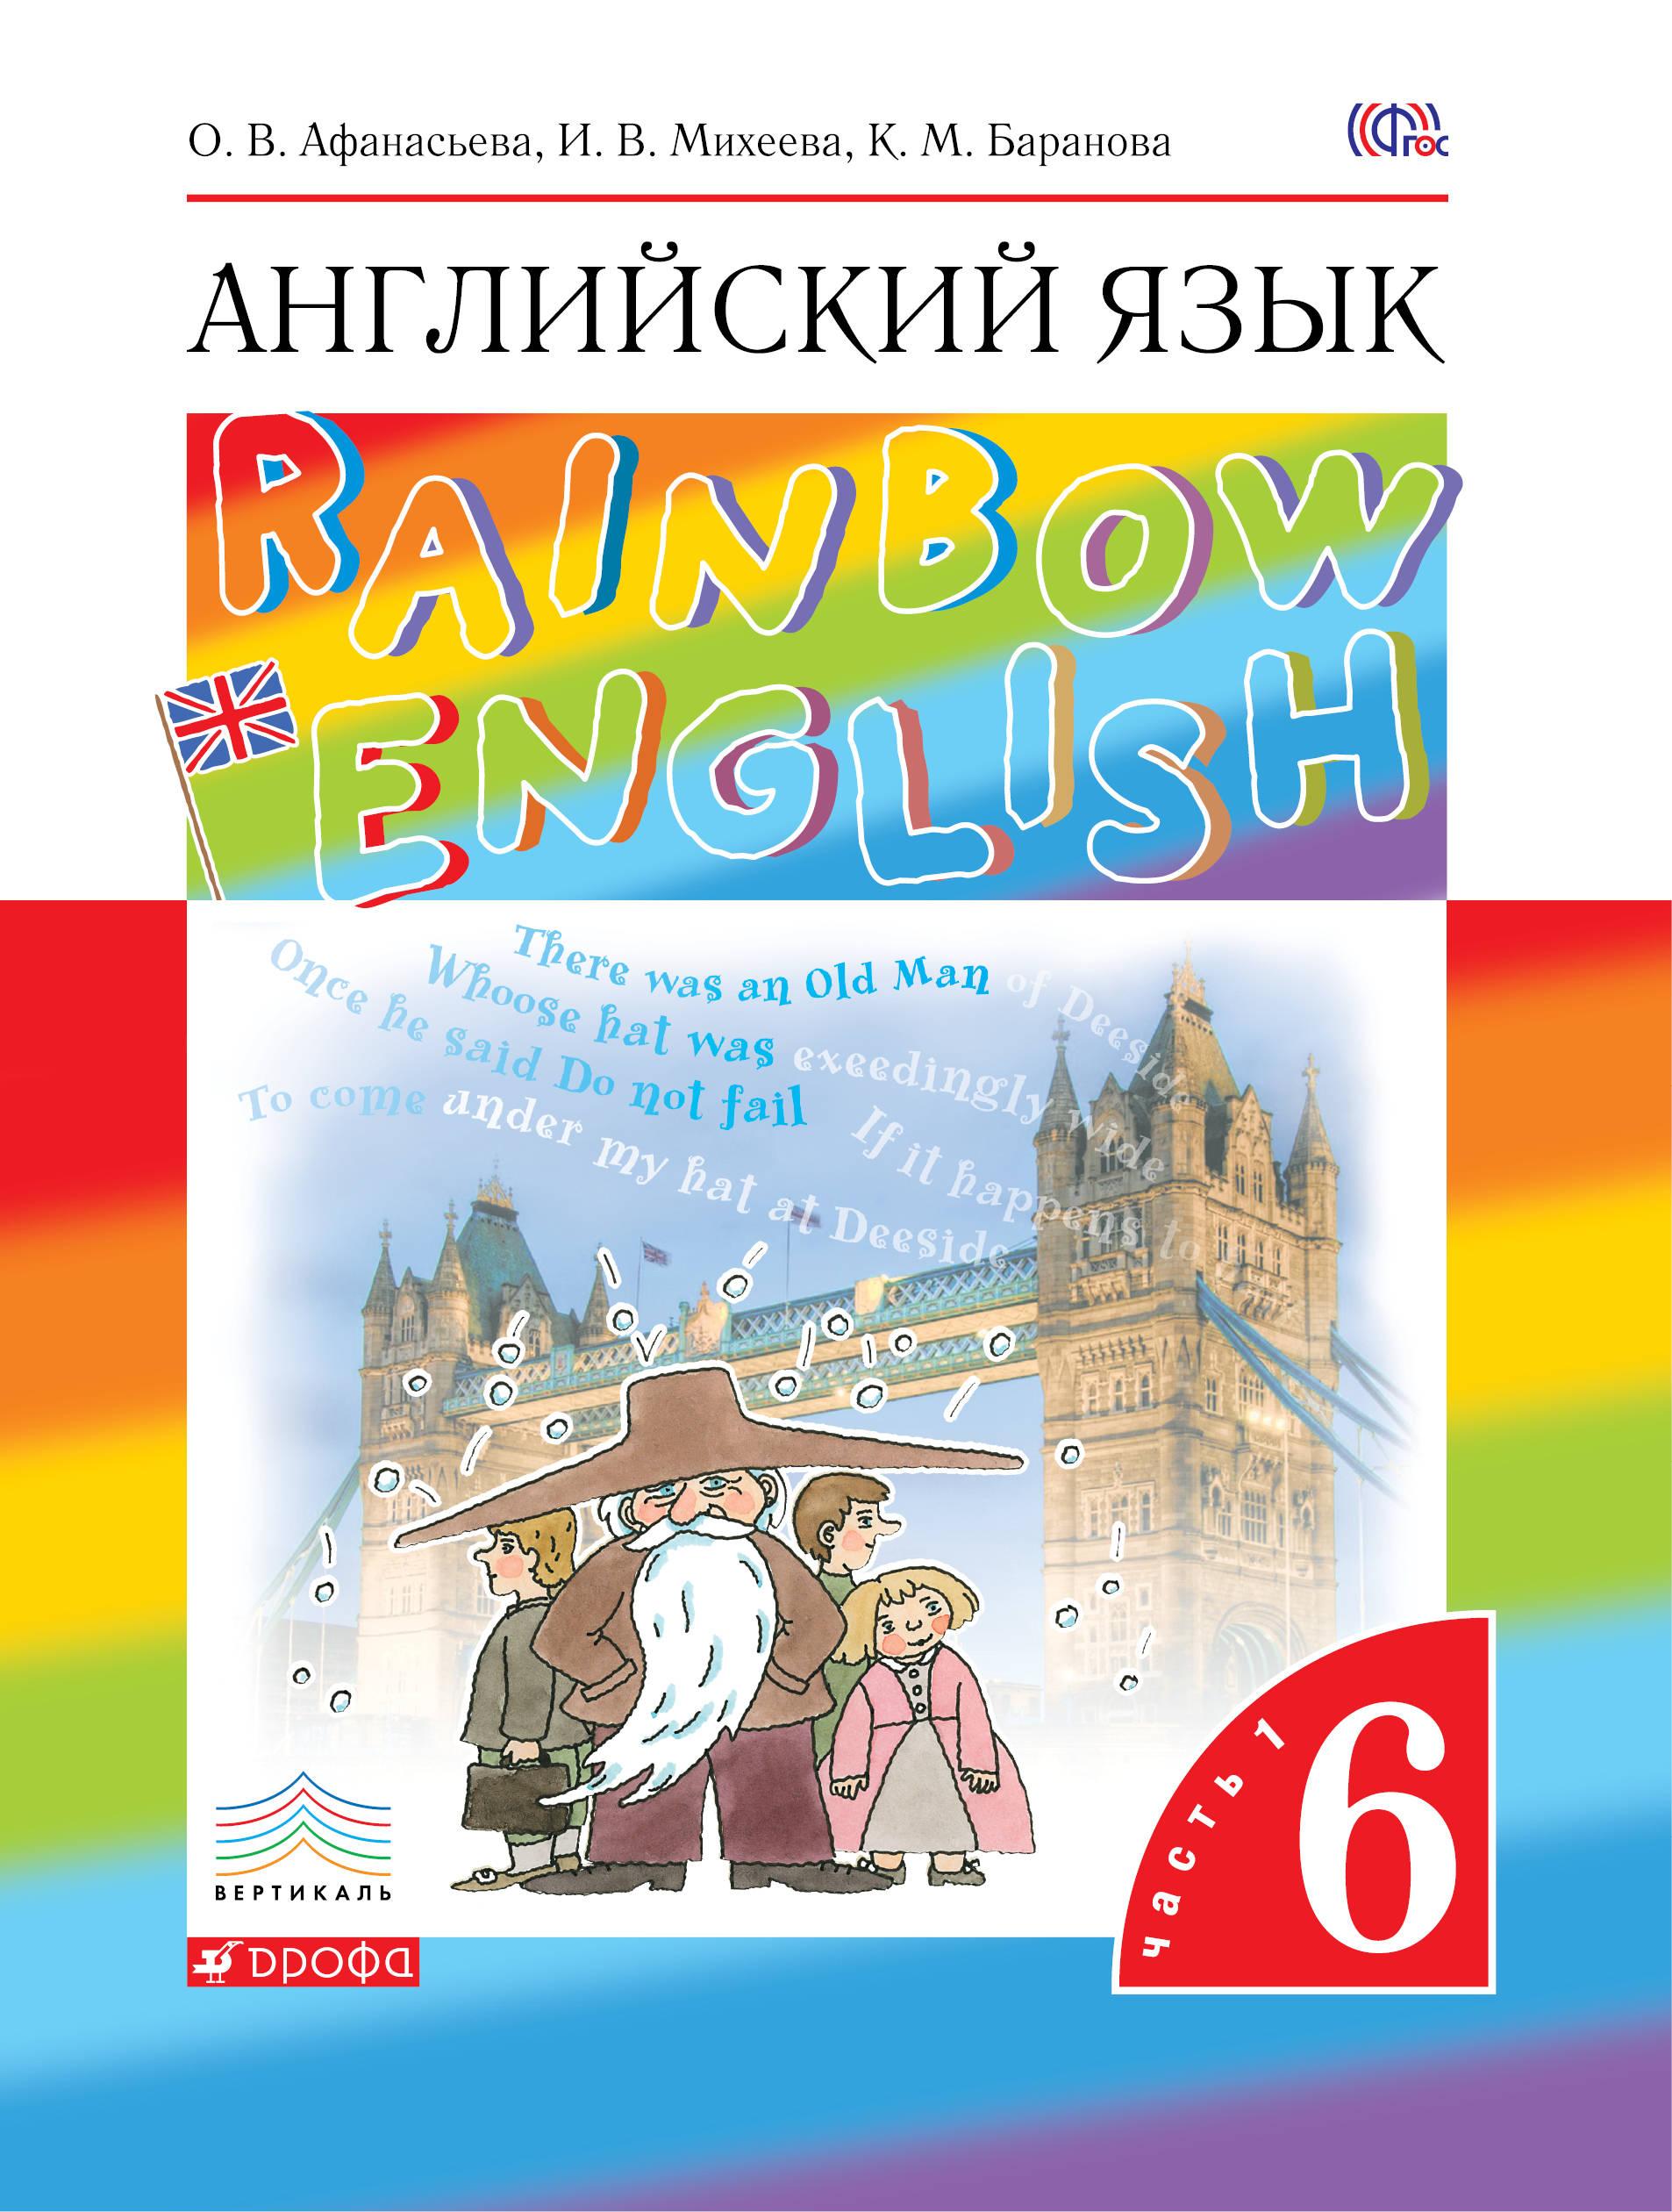 О. В. Афанасьева, И. В. Михеева, К. М. Баранова Rainbow English: Английский язык. 6 класс. Учебник. В 2 частях. Часть 1 афанасьева о в михеева и в баранова к м английский язык базовый уровень 11 класс учебник